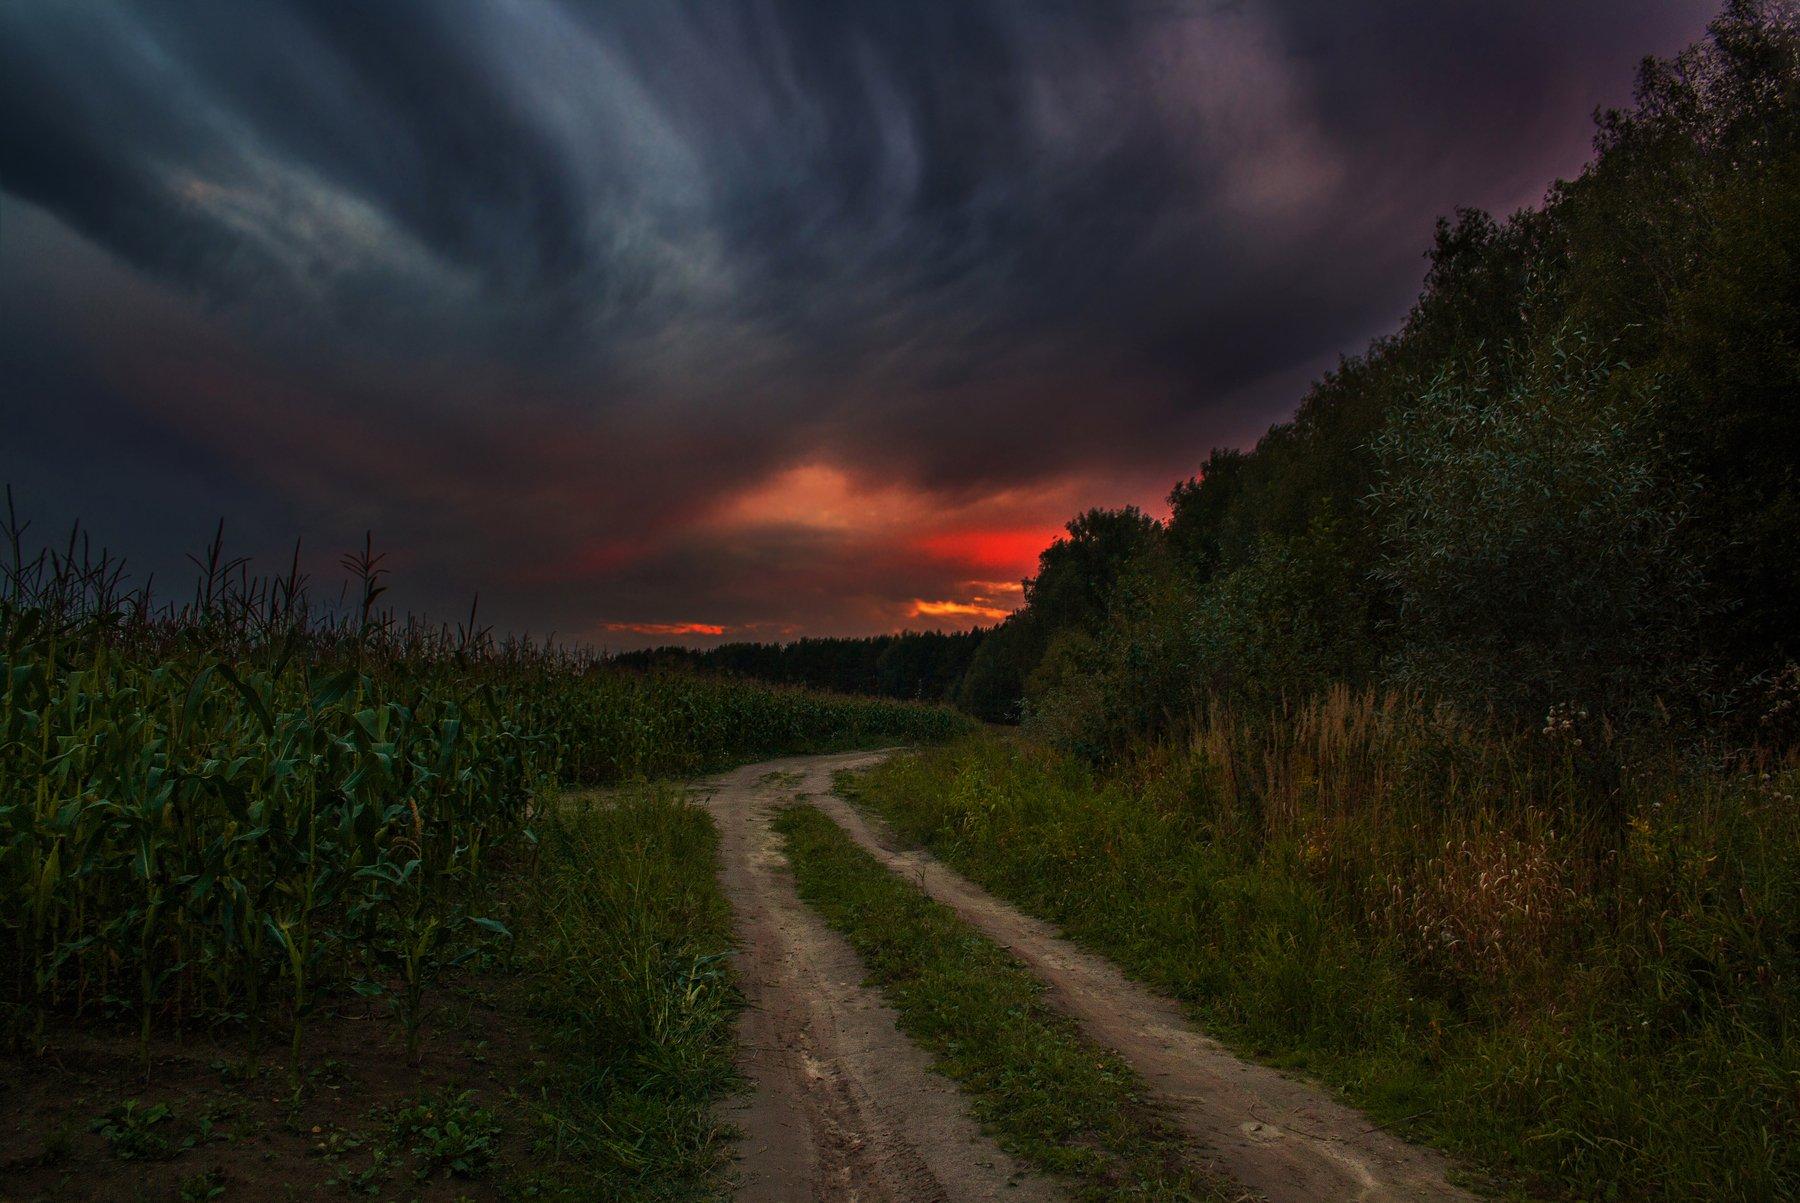 закат, осень, поле, дорога, лес, Екатерина